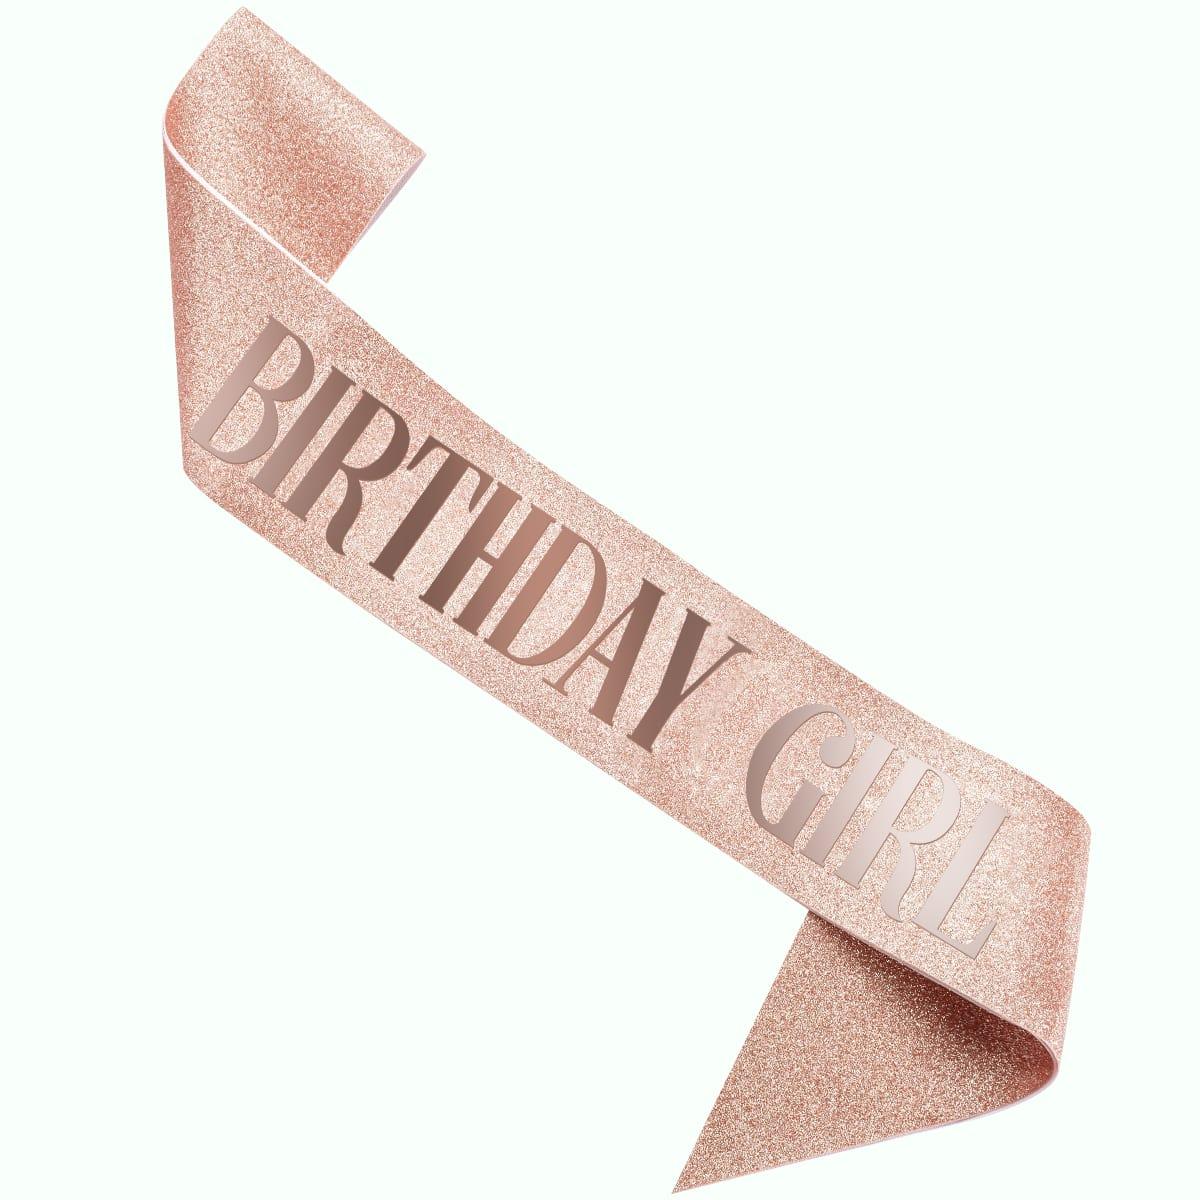 Кушак на день рождения с текстовым принтом